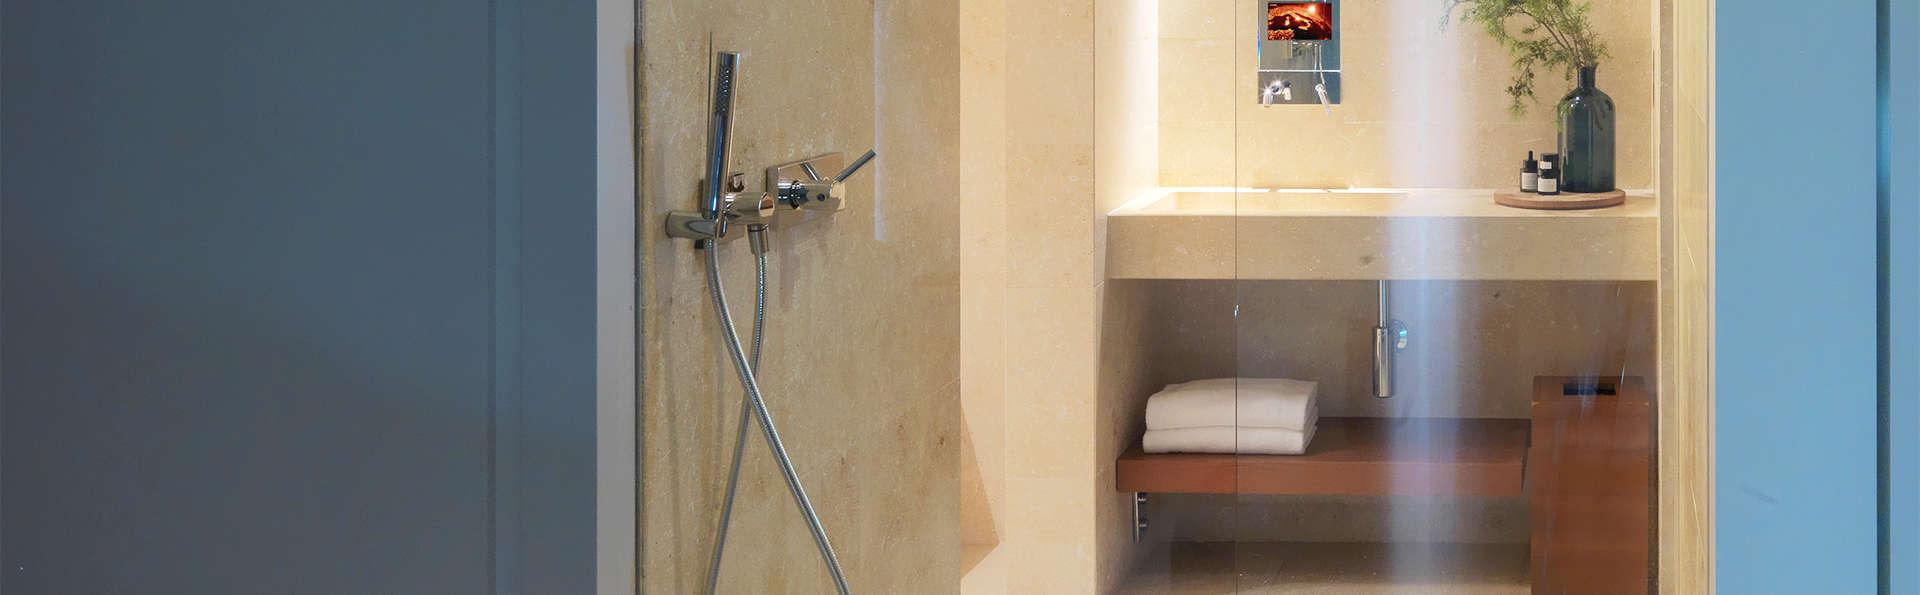 C-Hotel & Spa - EDIT_bath1.jpg